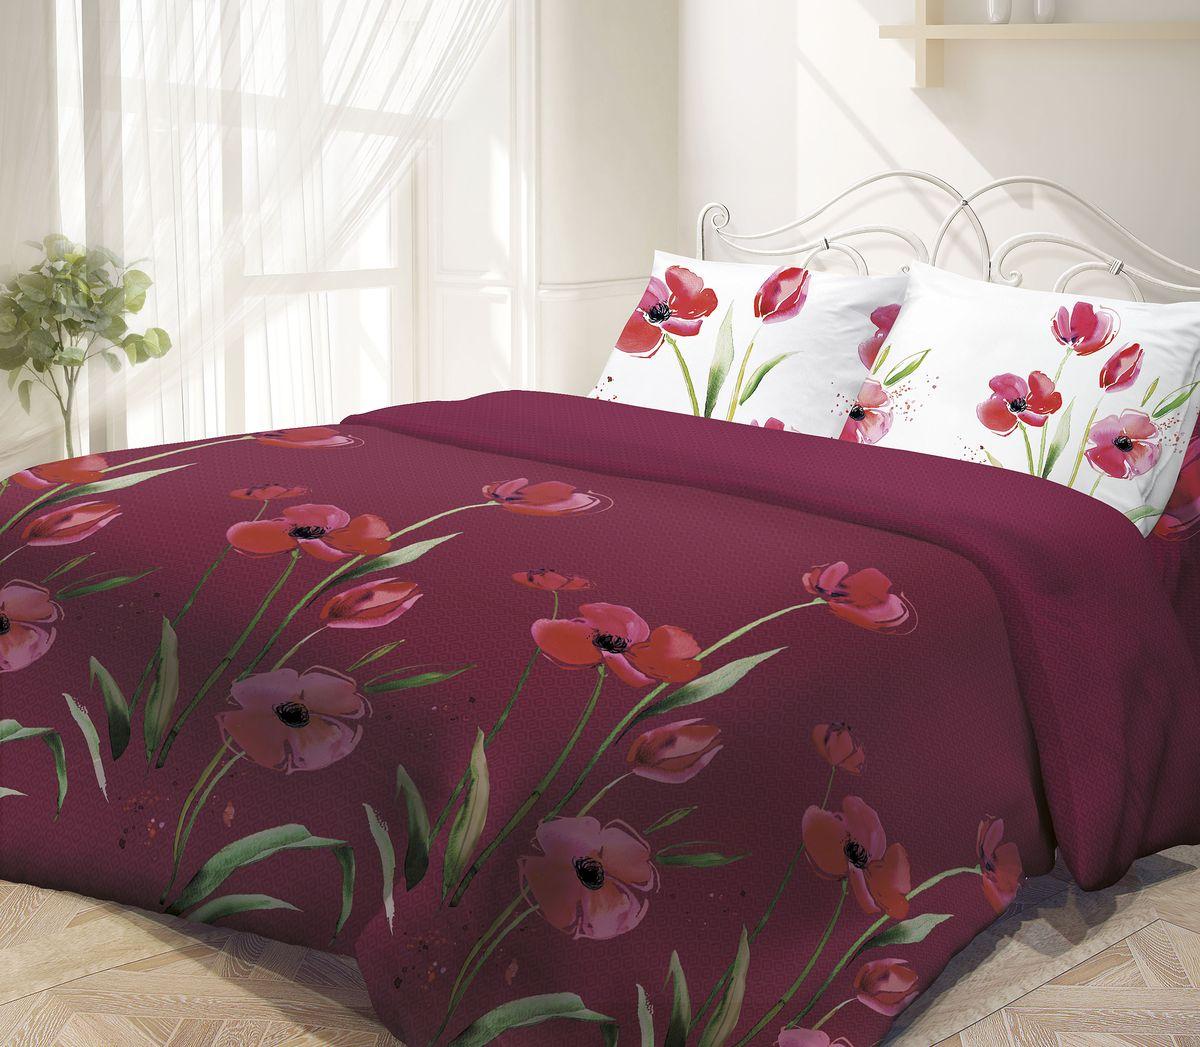 Комплект белья Гармония, 1,5-спальный, наволочки 50х70, цвет: белый, бордовыйCLP446Комплект постельного белья Гармония является экологически безопасным, так как выполнен из поплина (100% хлопка). Комплект состоит из пододеяльника, простыни и двух наволочек. Постельное белье оформлено изображением цветов и имеет изысканный внешний вид. Постельное белье Гармония - лучший выбор для современной хозяйки! Его отличают демократичная цена и отличное качество. Поплин мягкий и приятный на ощупь. Кроме того, эта ткань не требует особого ухода, легко стирается и прекрасно держит форму. Высококачественные красители, которые используются при производстве постельного белья, сохраняют свой цвет даже после многочисленных стирок.